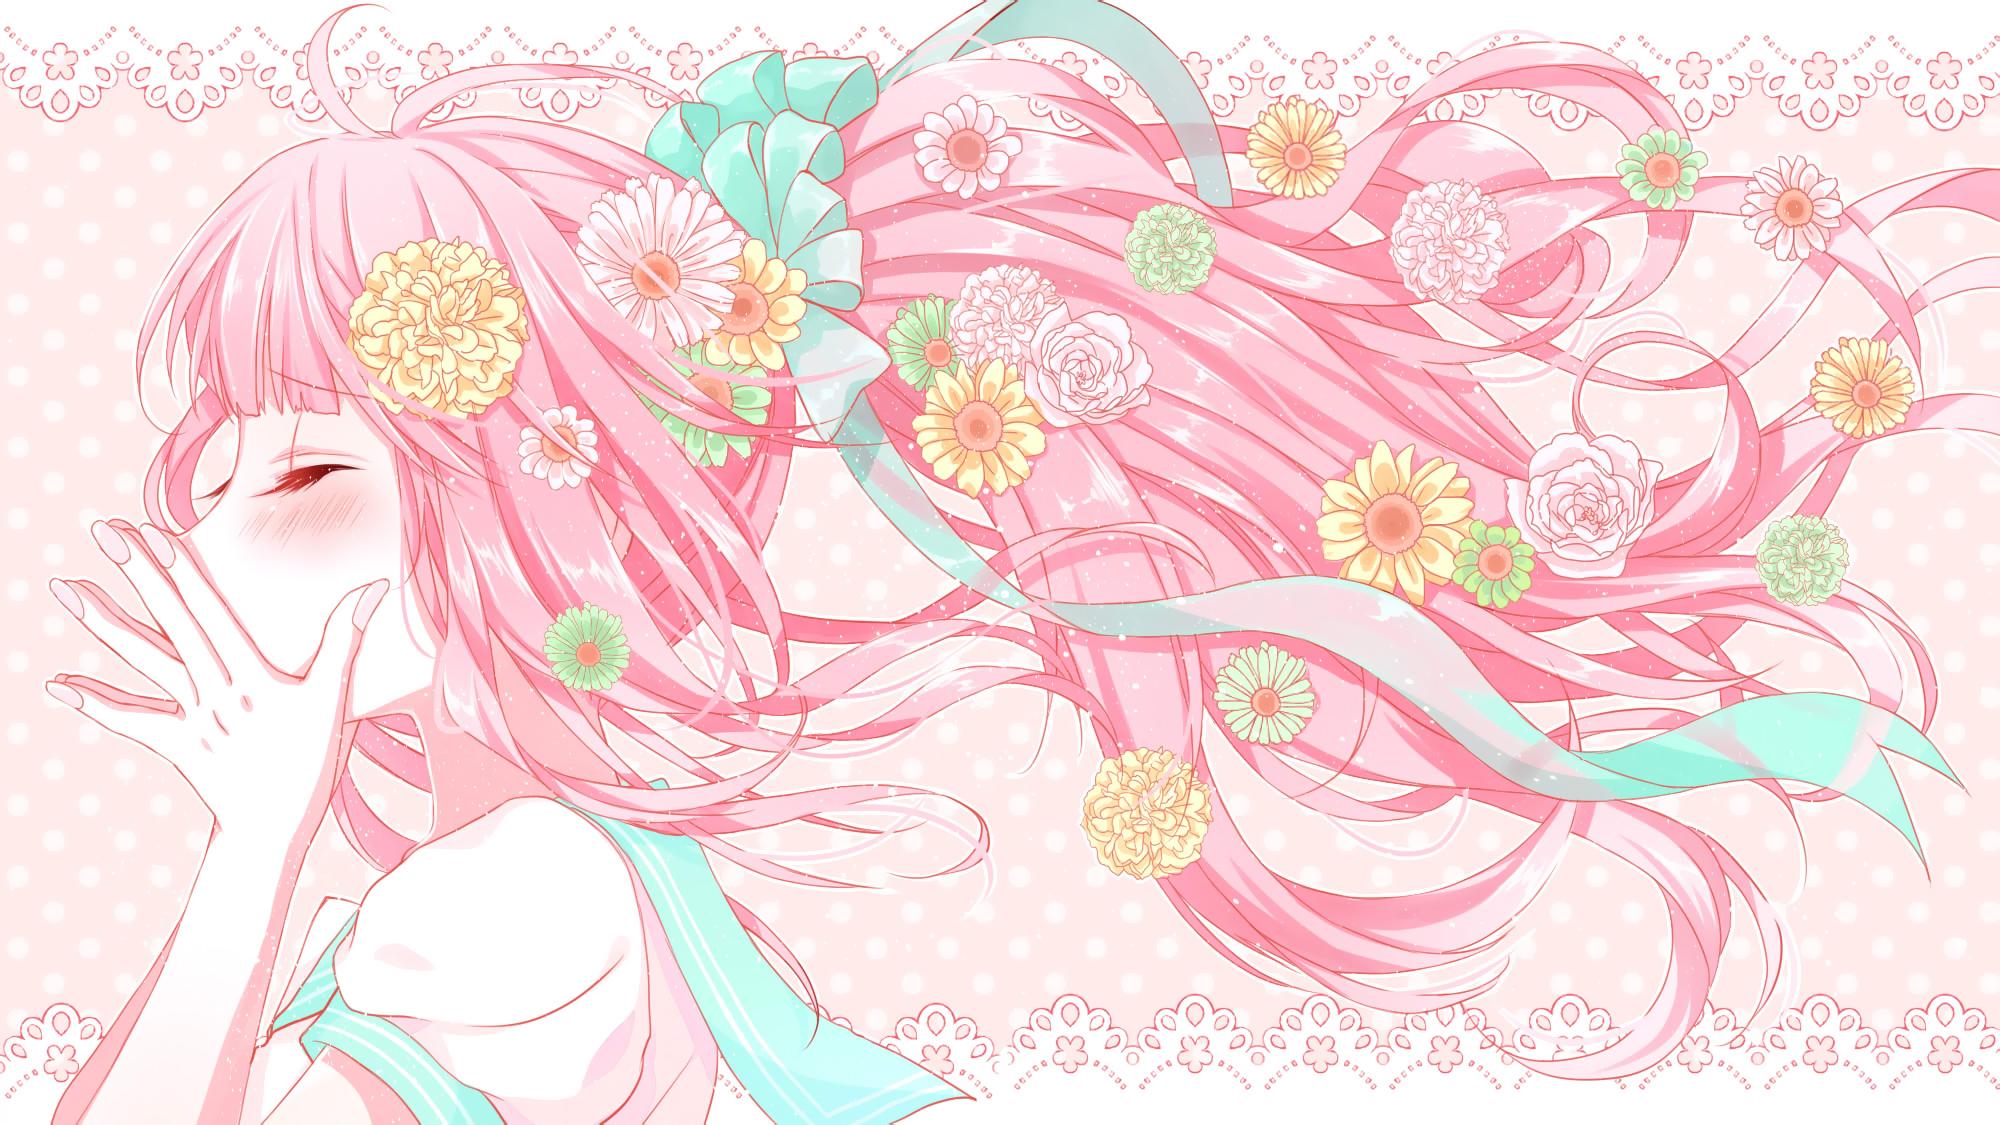 Blush Pink Wallpaper - WallpaperSafari